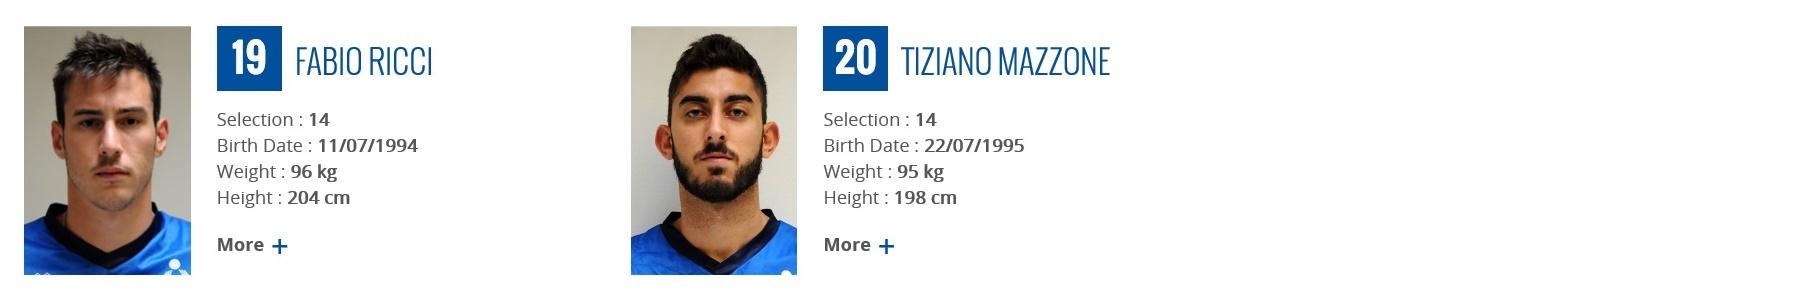 バレーボール男子イタリア代表2017